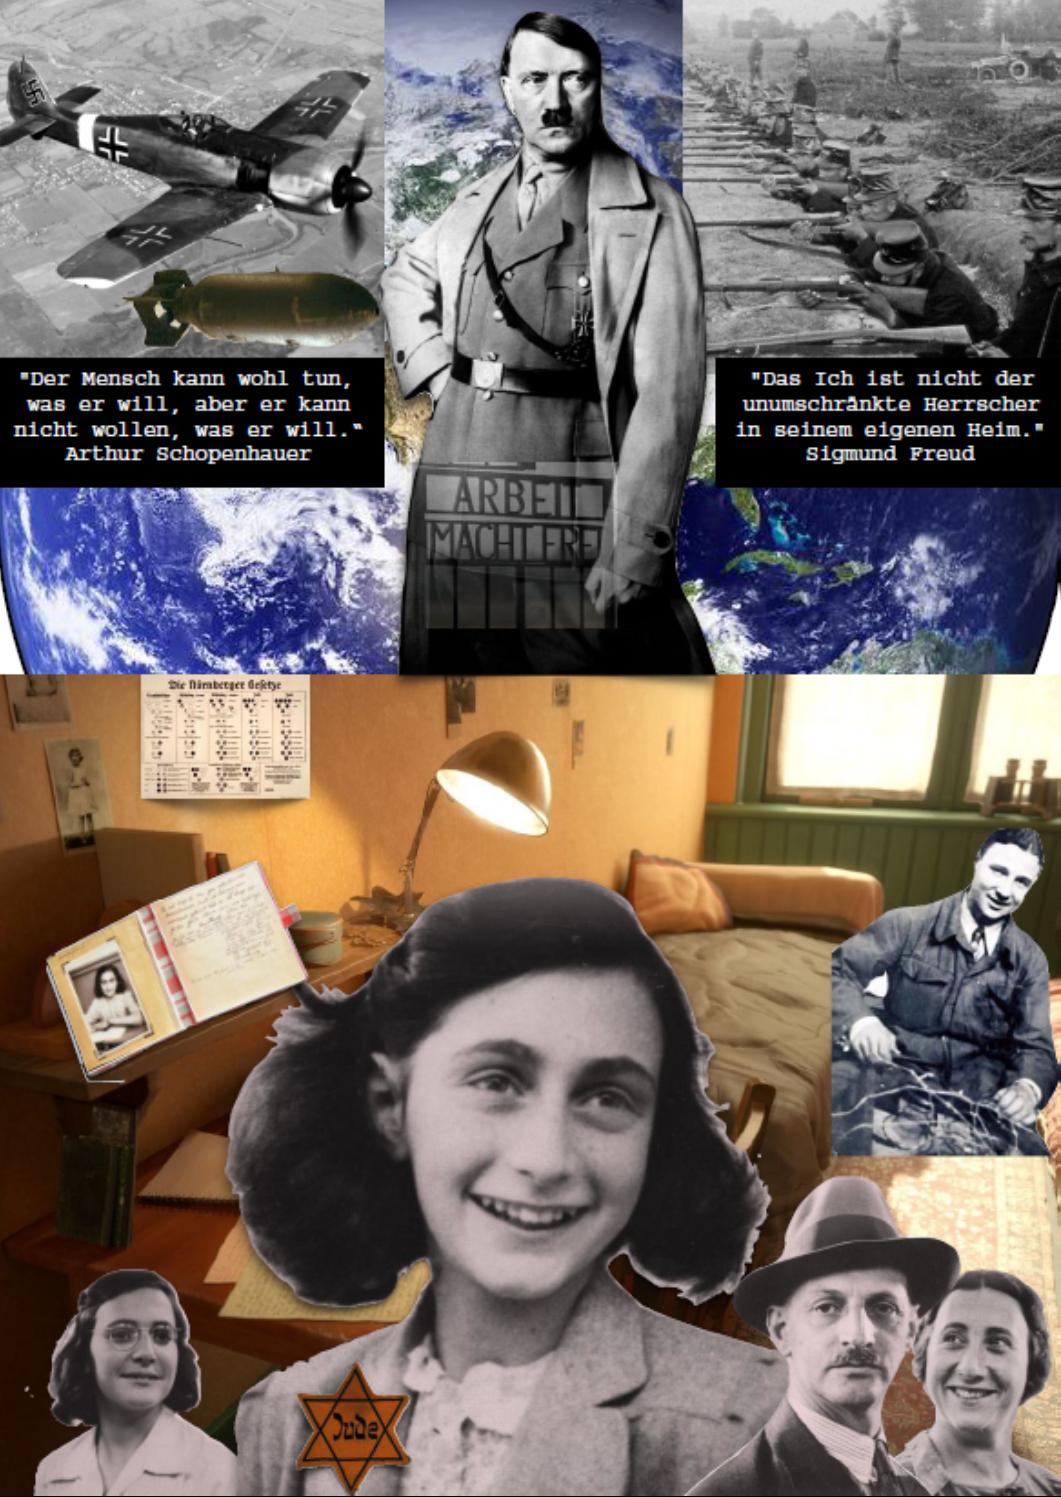 Jarla Kühnemund Collage zum Thema Freiheit und Determination